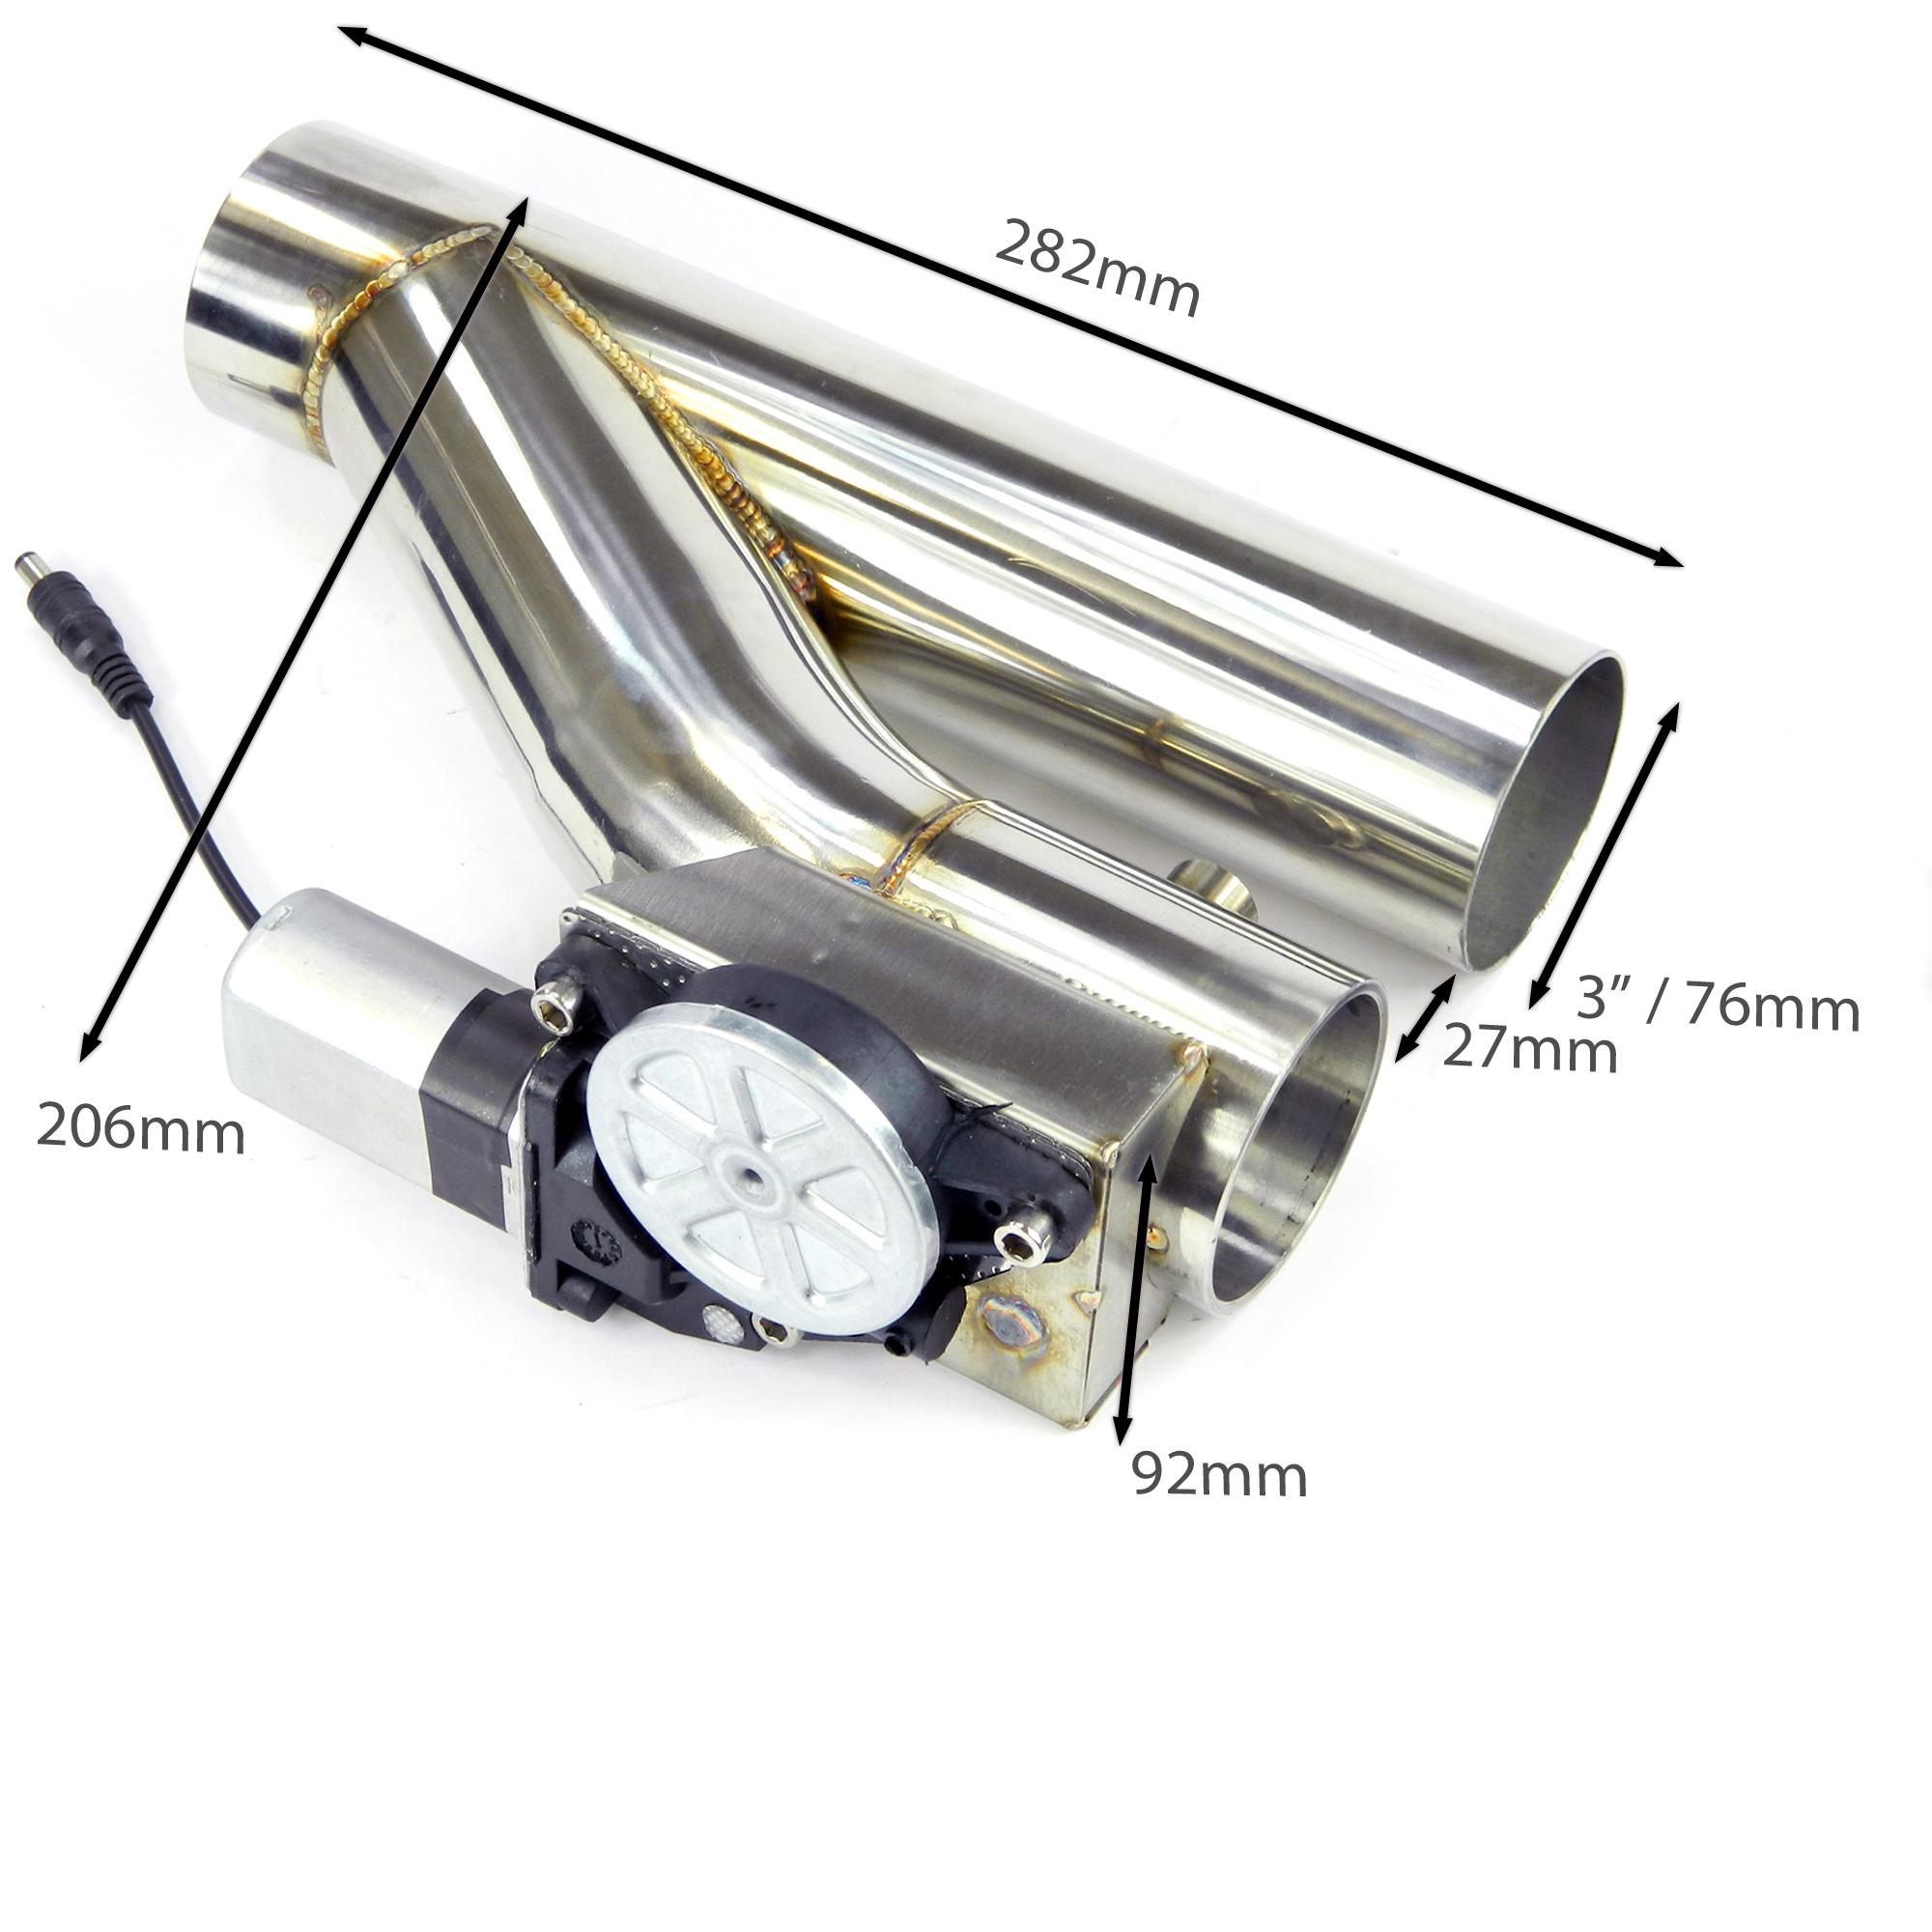 Klappenauspuff-System Y-Rohr, elektrisch inkl. Schalter - 76mm Außendurchmesser